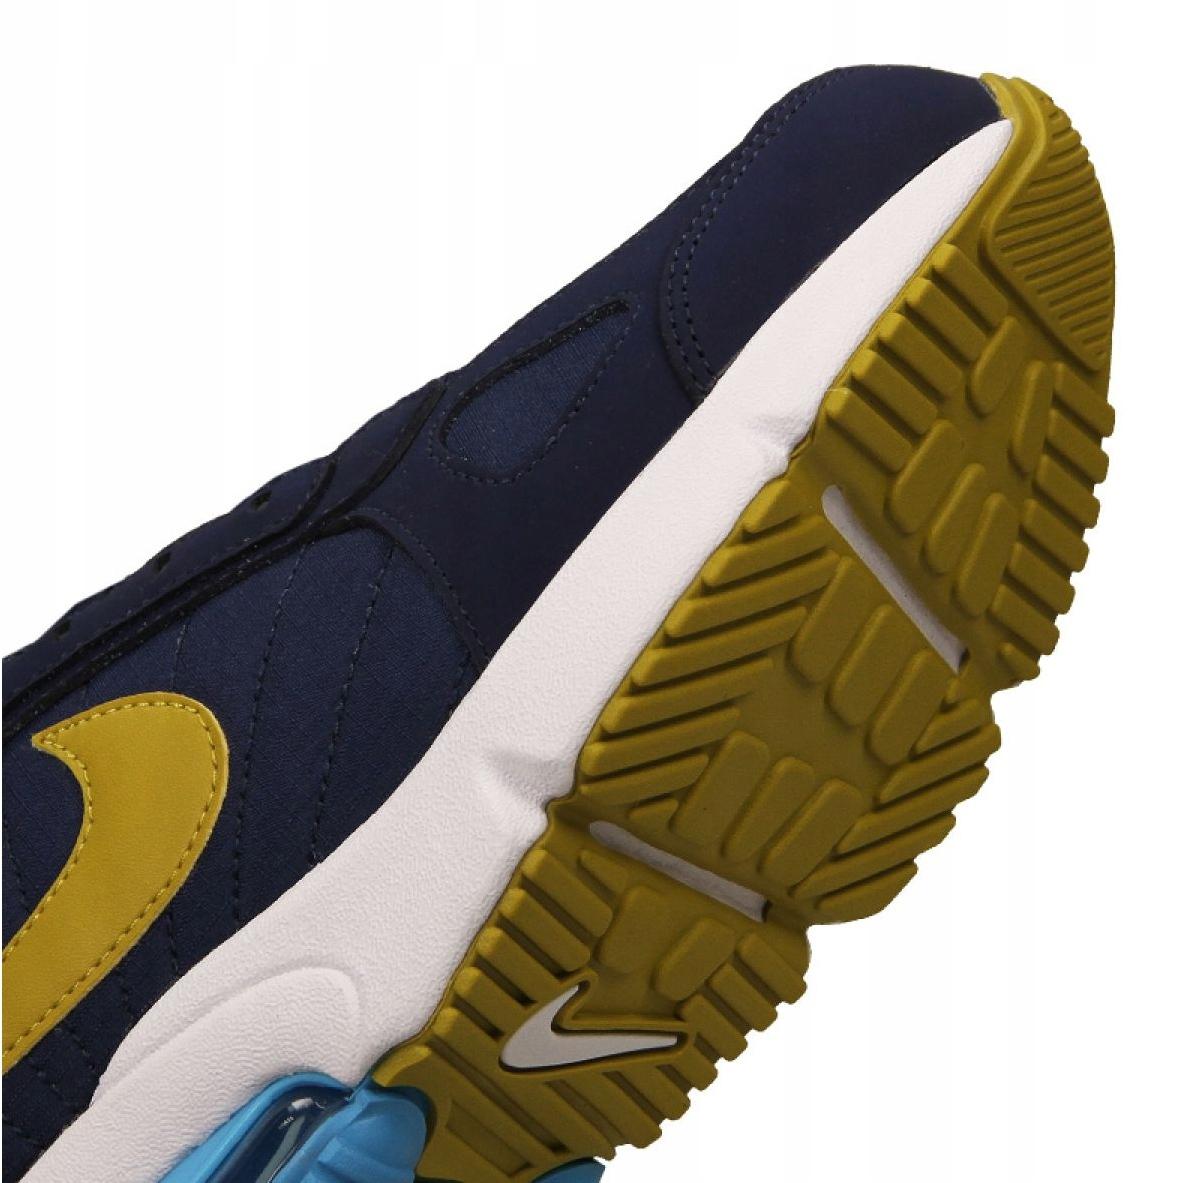 Sapatilhas Nike Air Max 270 Futura M AO1569 400 preto